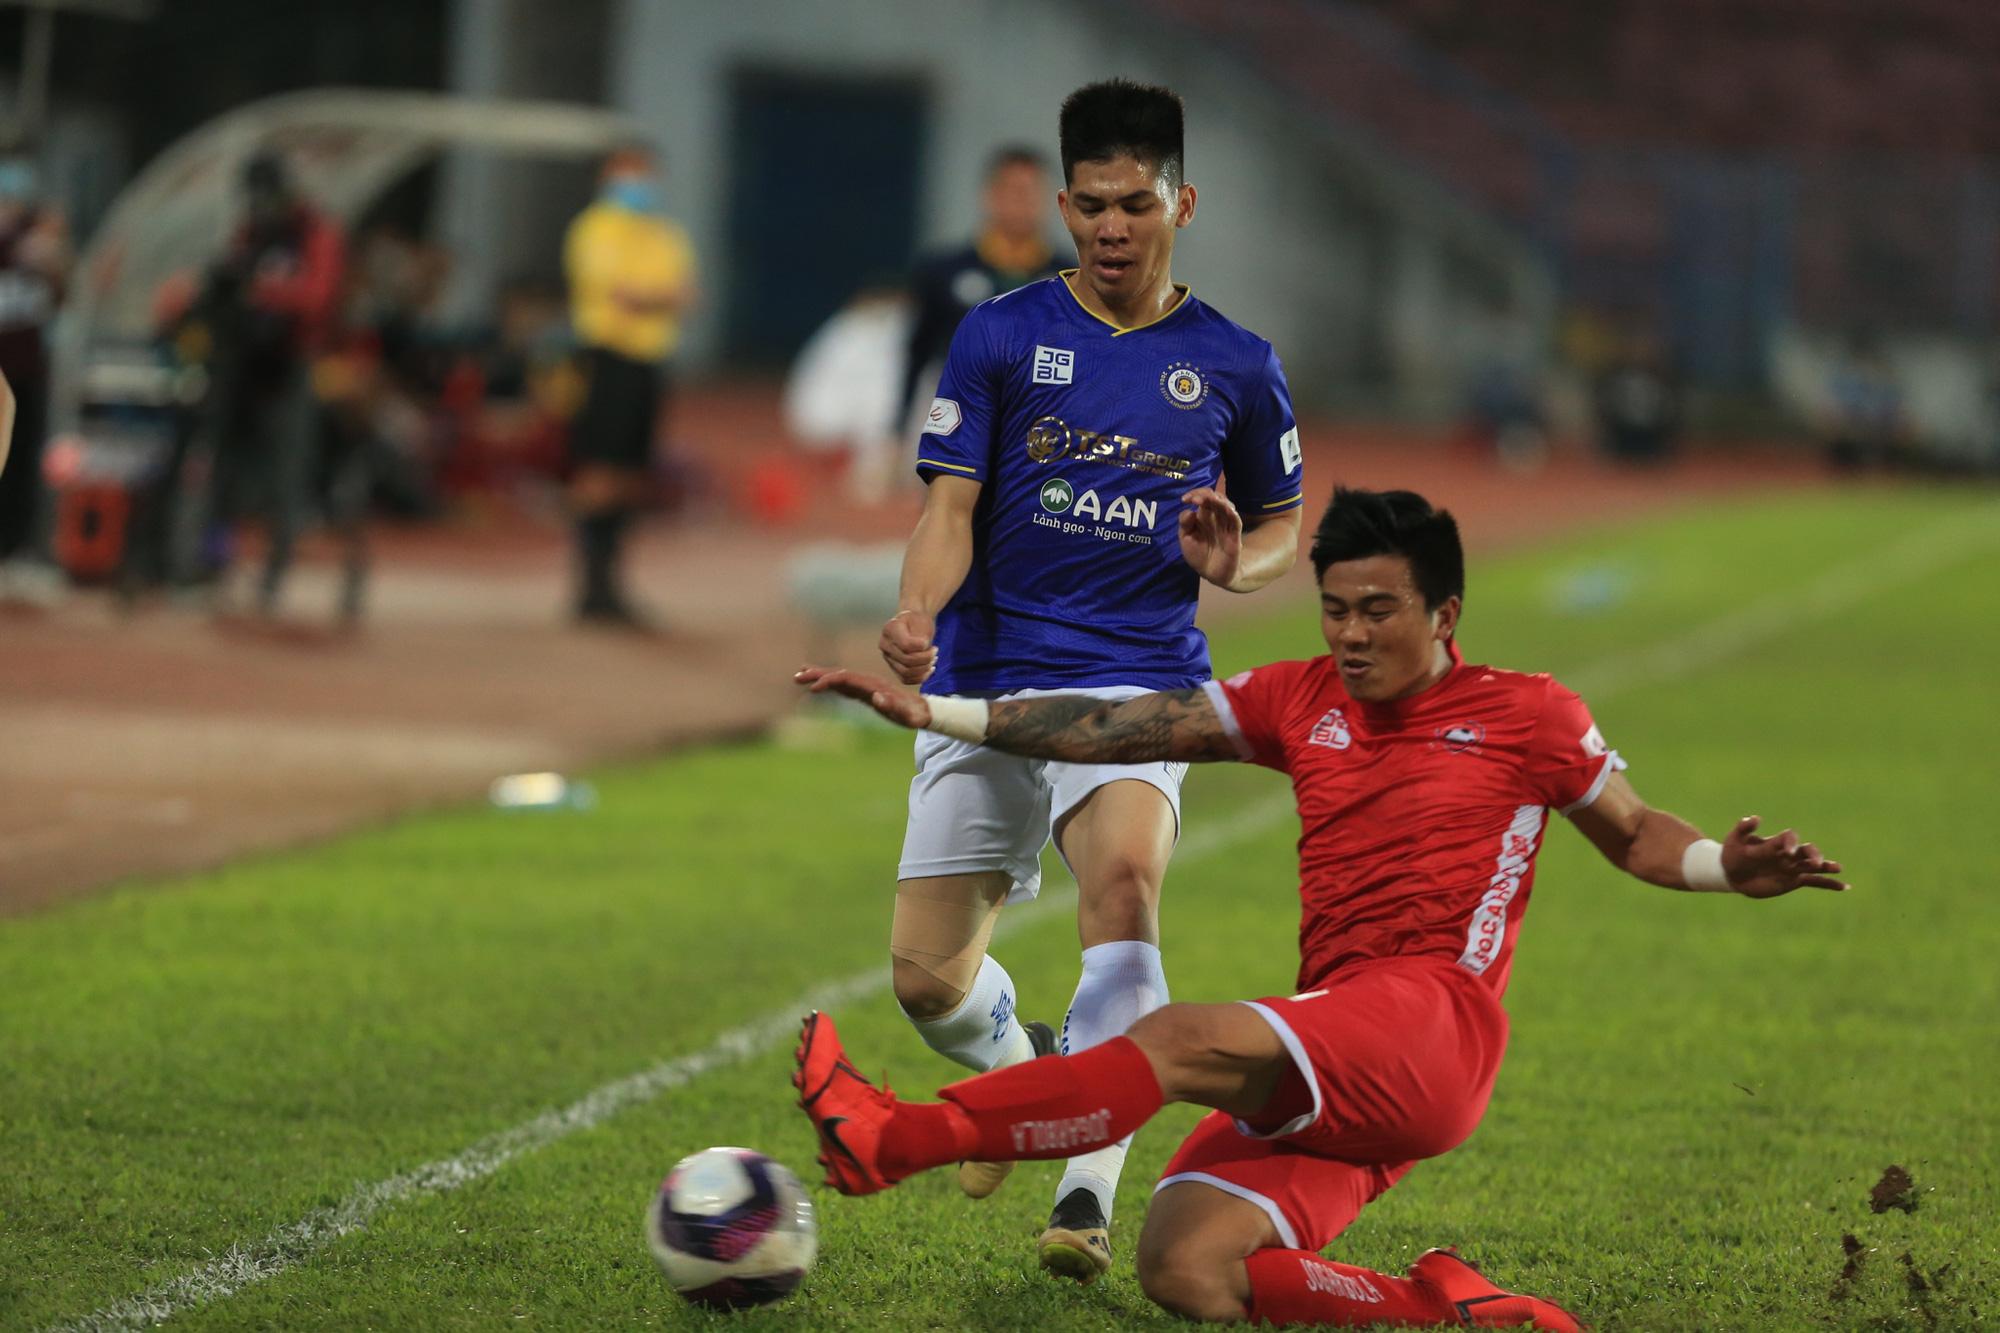 Rời Hải Phòng, cựu trung vệ U23 Việt Nam trên đường trở lại SLNA - Ảnh 3.